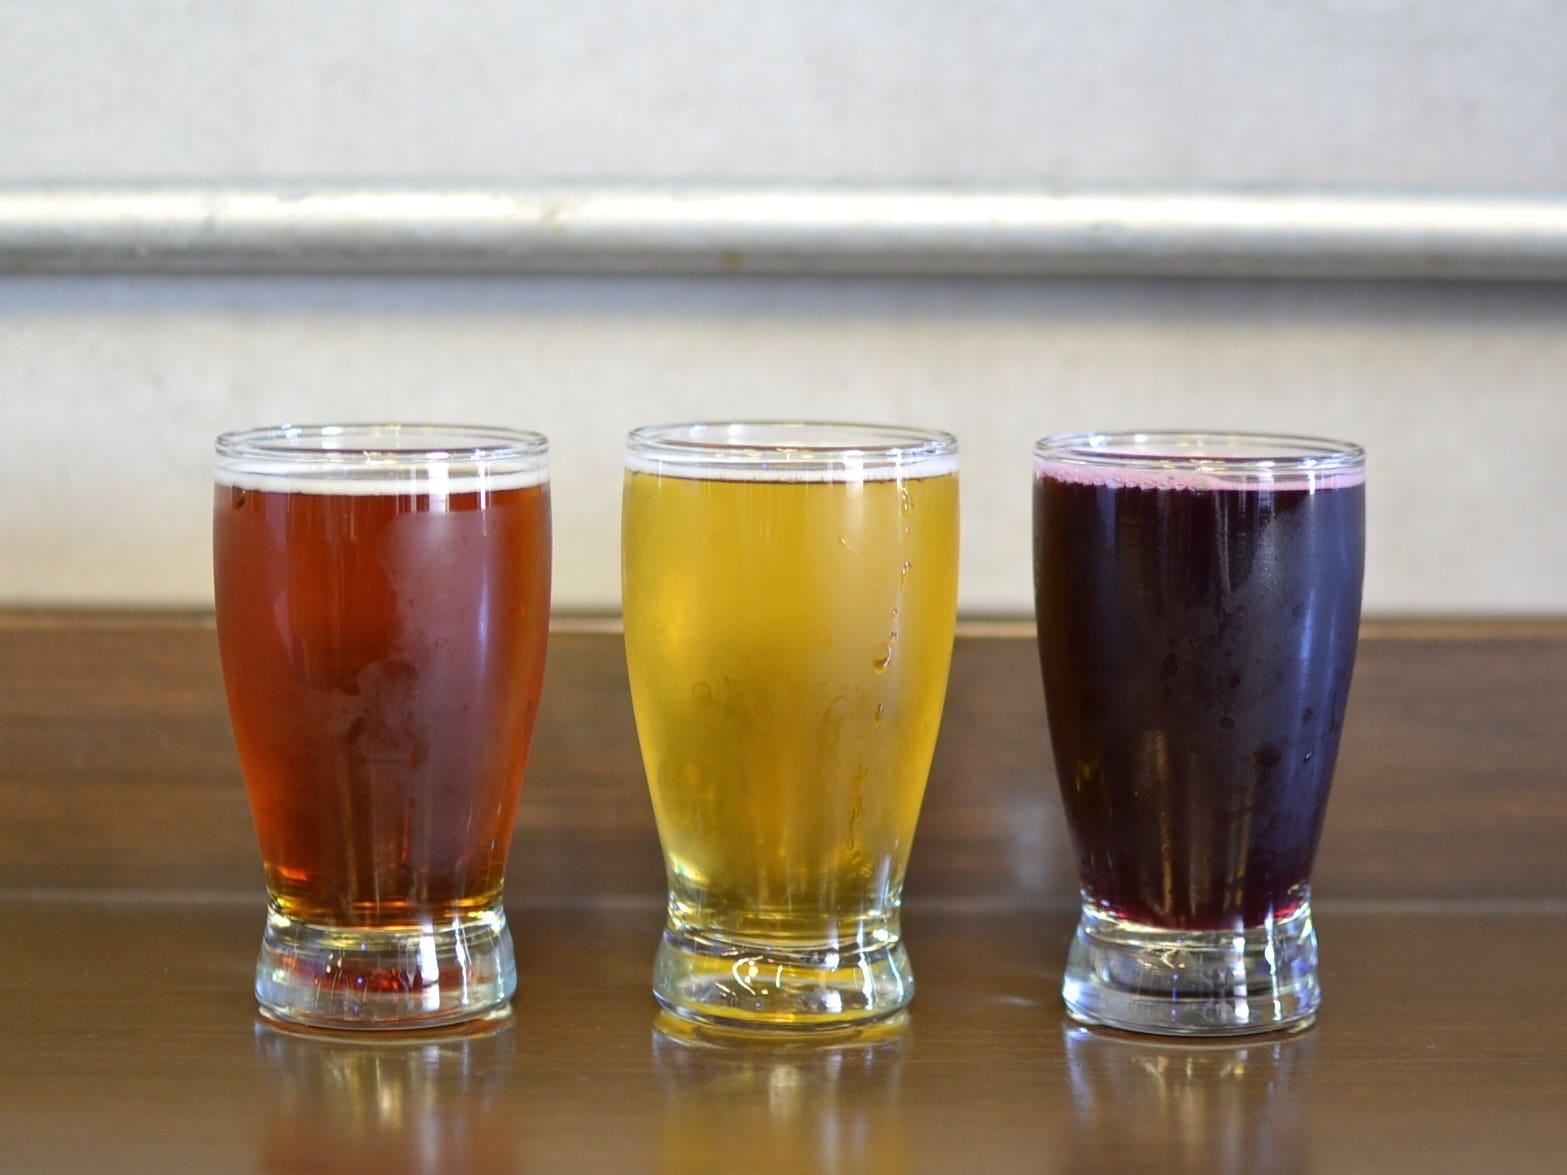 Beer flight at Smog City Brewing